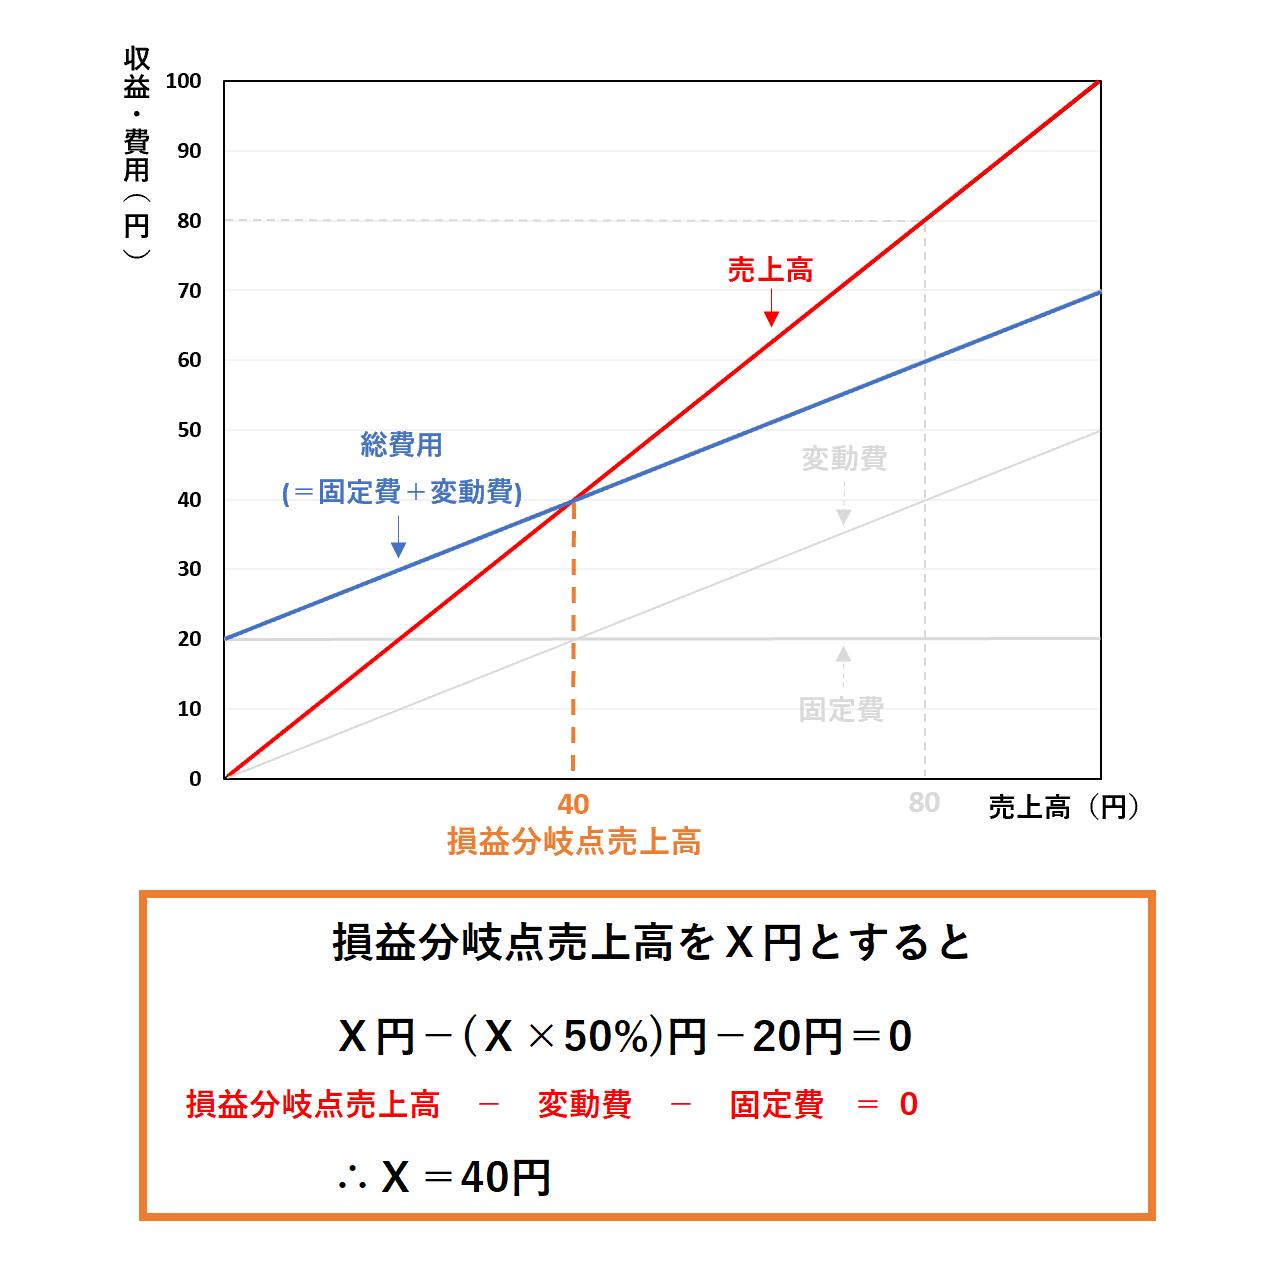 損益分岐点分析(2級):損益分岐点売上高ー解答